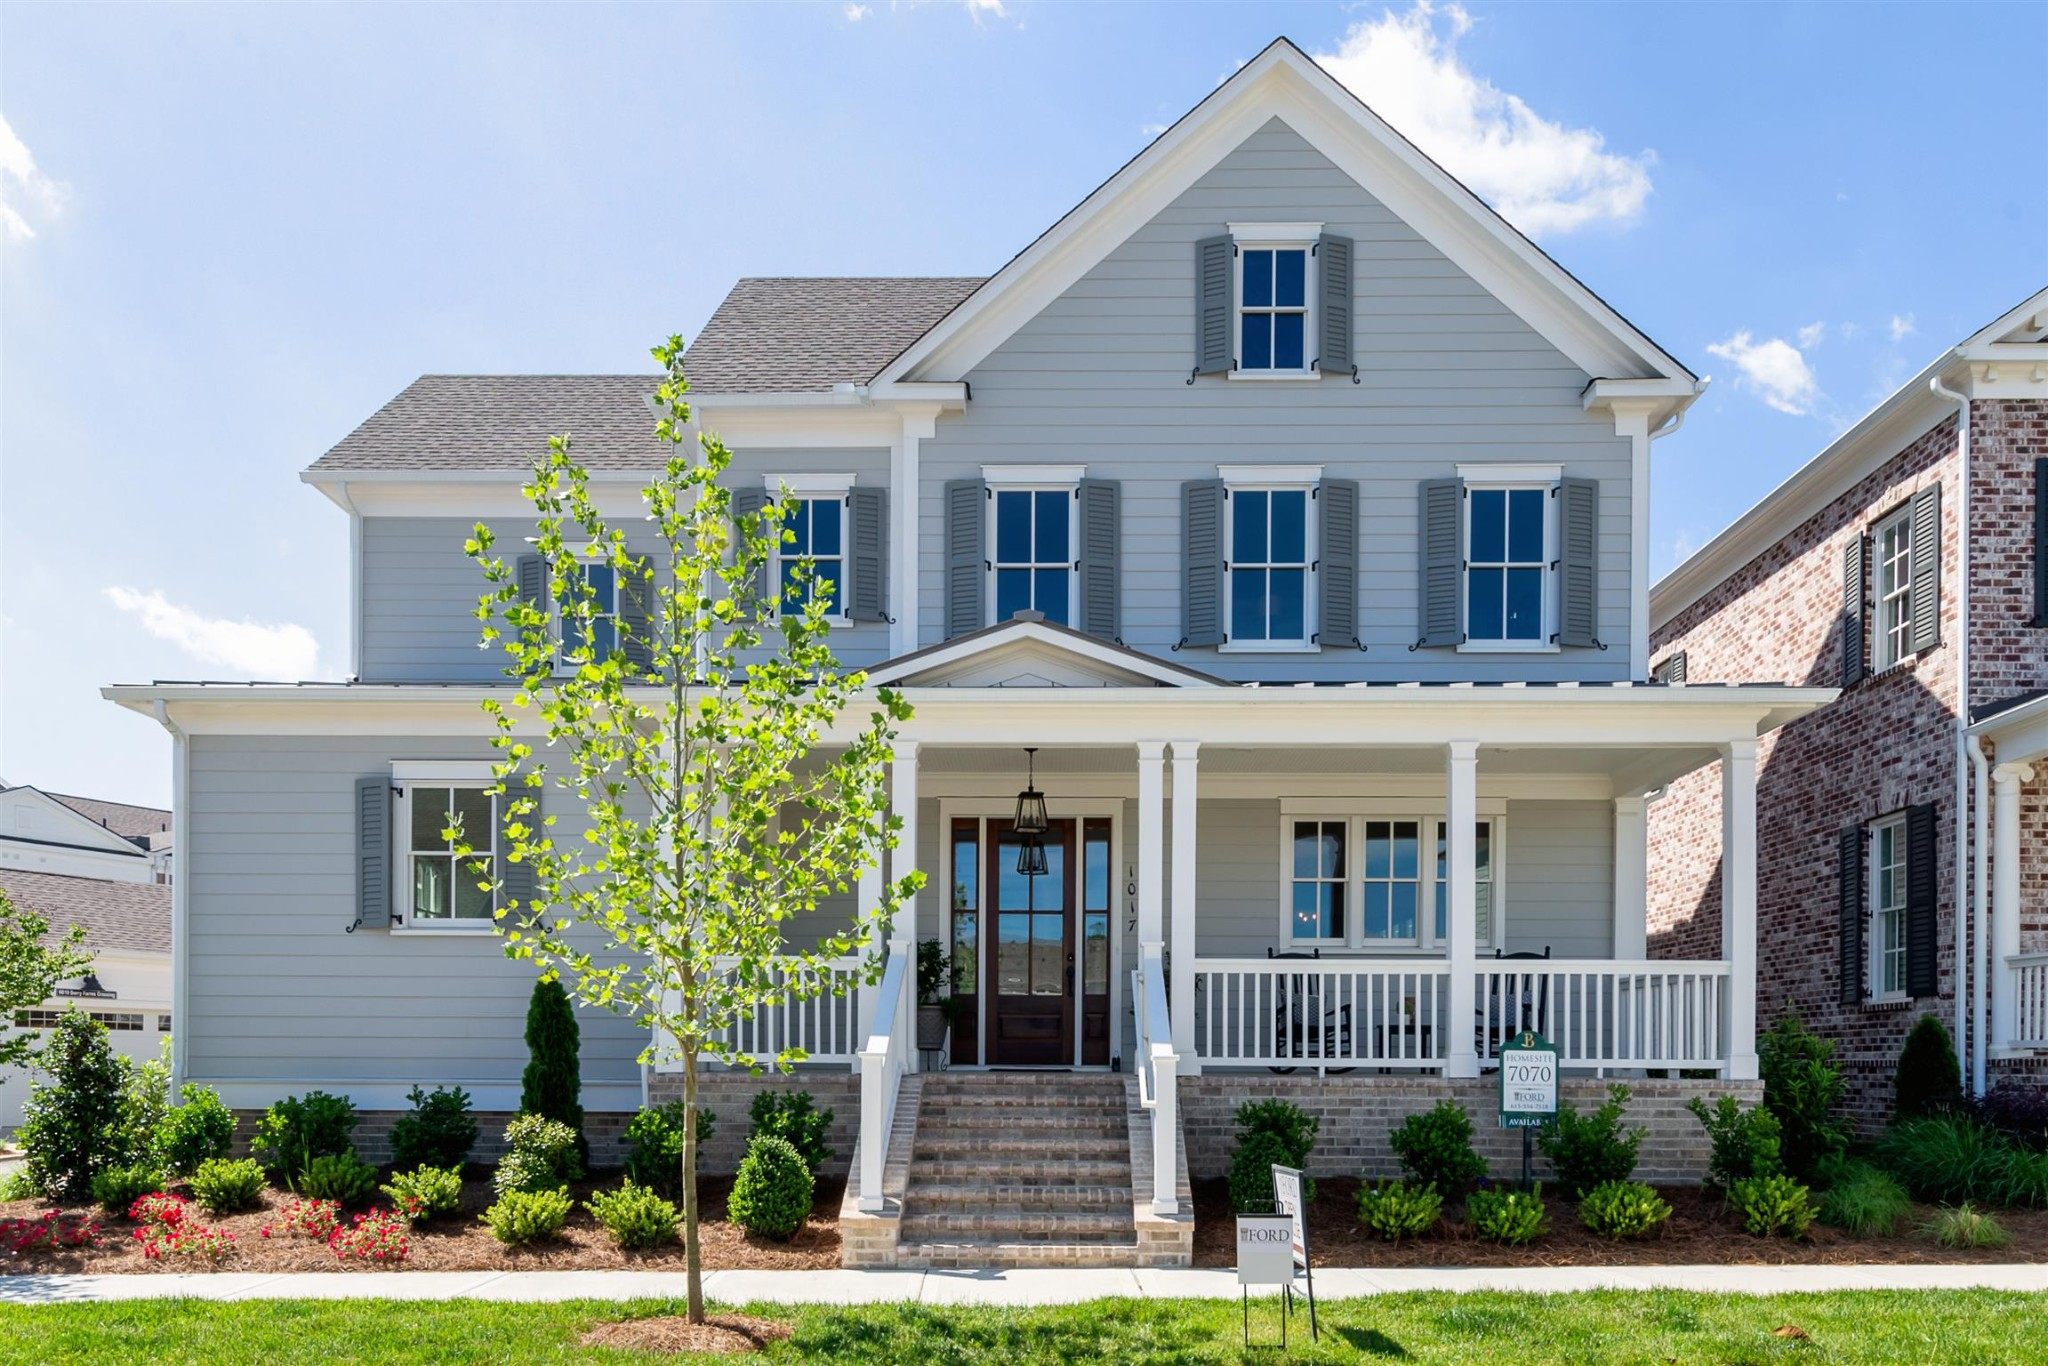 1017 General Martin Ln-Lot 7070, Franklin, TN 37064 - Franklin, TN real estate listing